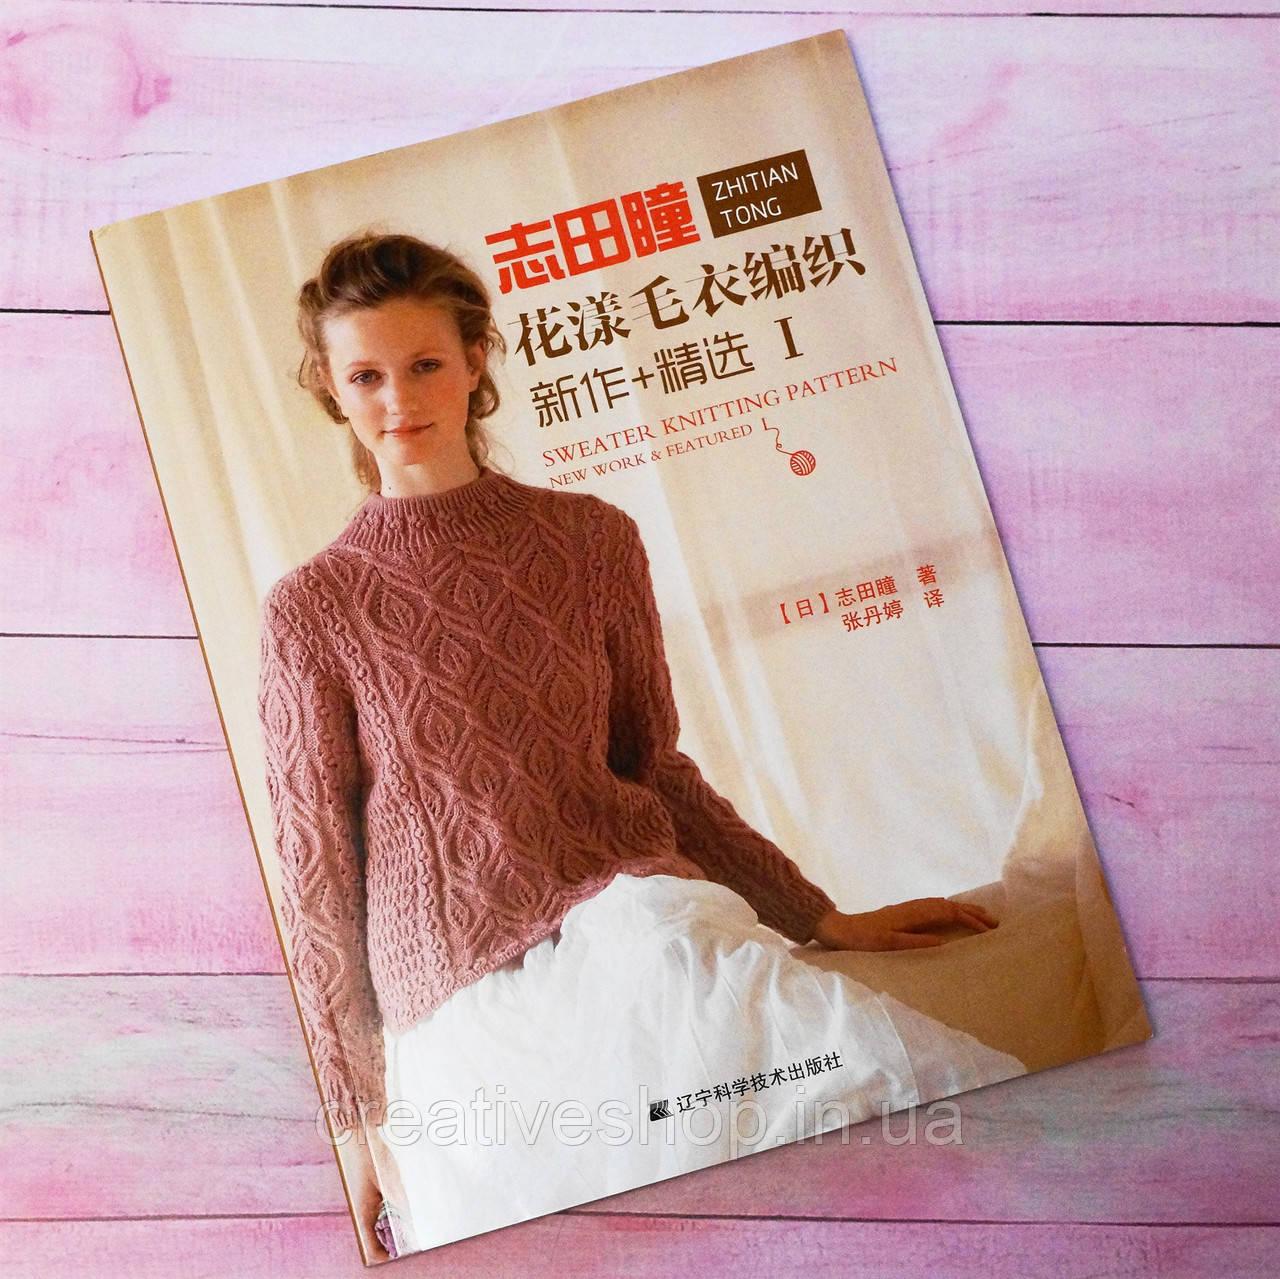 японский журнал по вязанию модели I цена 450 грн купить в